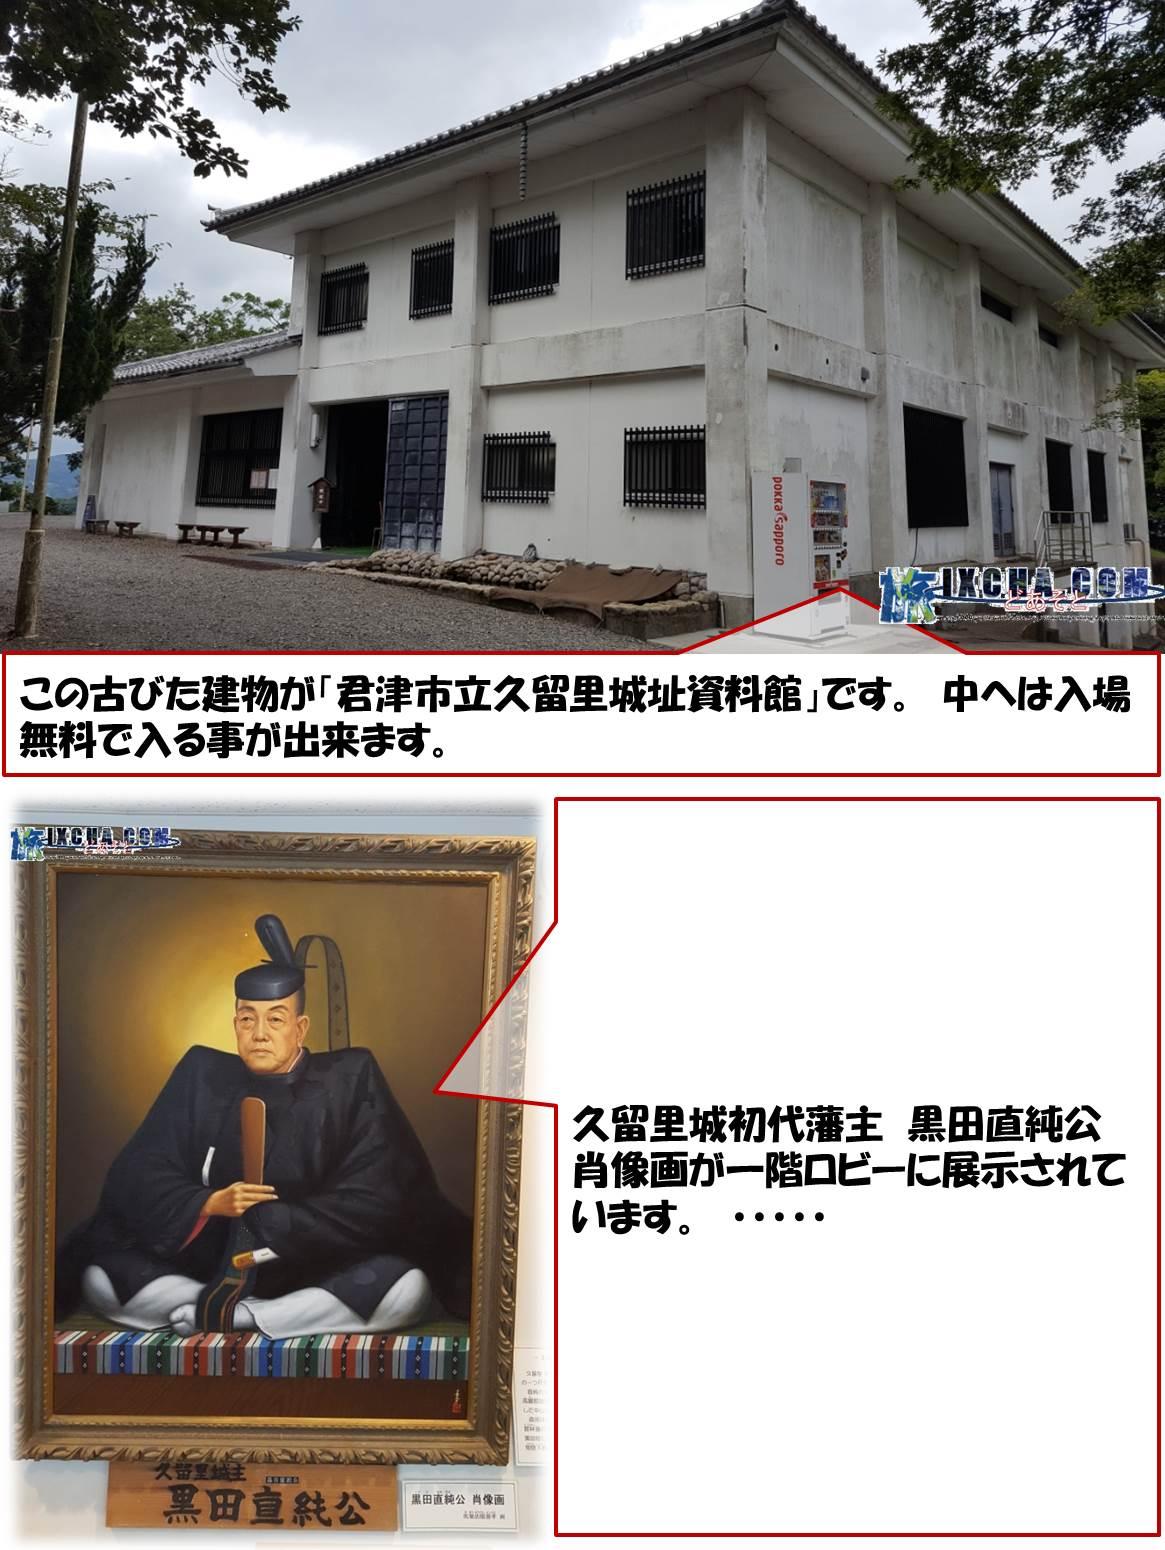 この古びた建物が「君津市立久留里城址資料館」です。 中へは入場無料で入る事が出来ます。 久留里城初代藩主 黒田直純公 肖像画が一階ロビーに展示されています。